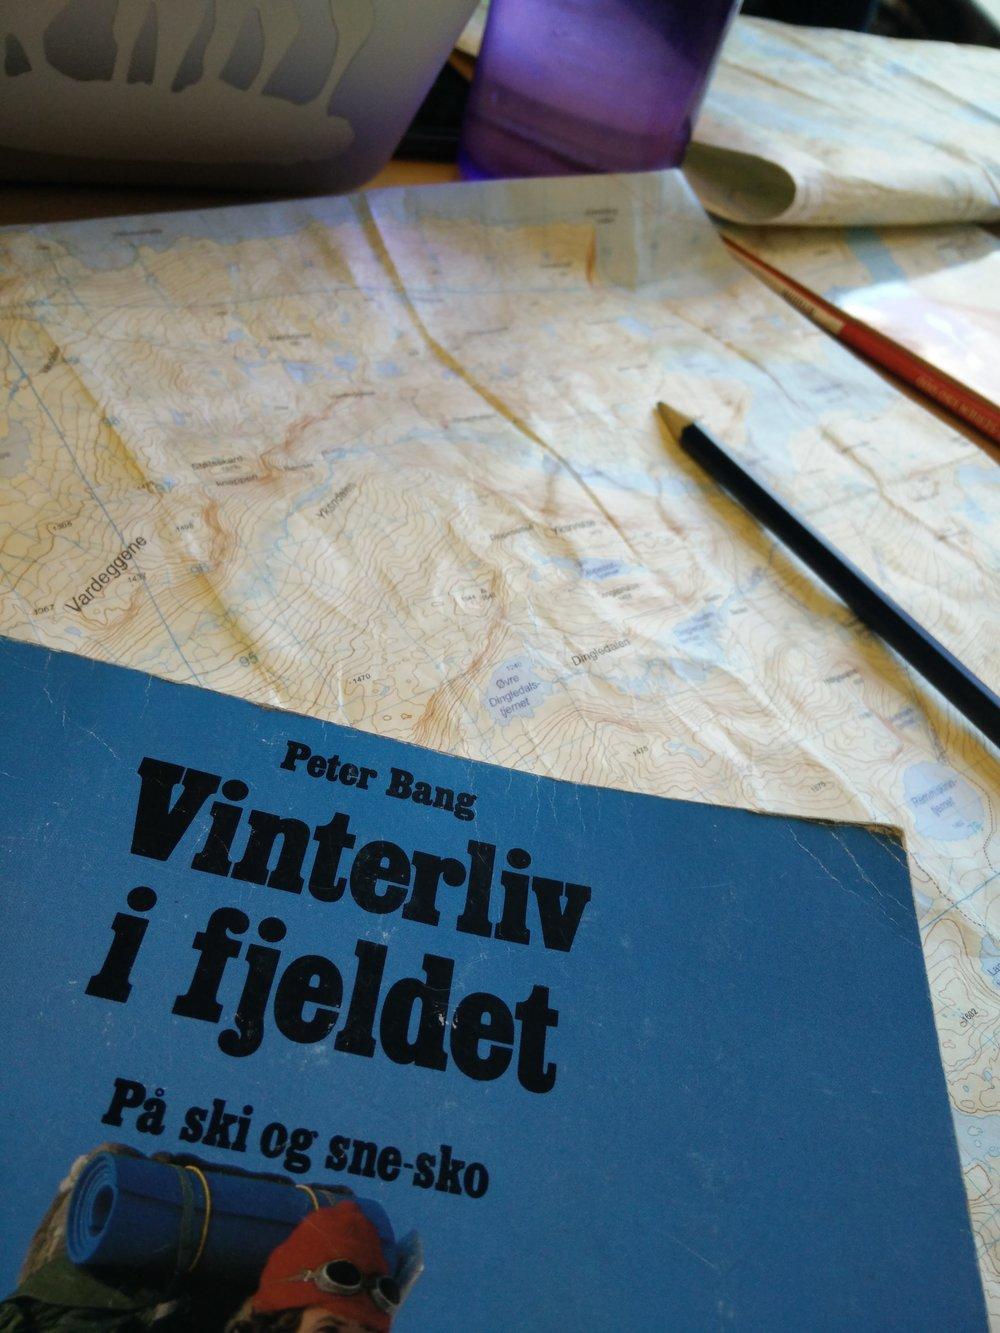 Planlægning af det halve eventyr. Vi blev inspireret af Peter Bangs gamle bog 'Vinterliv i fjeldet'.